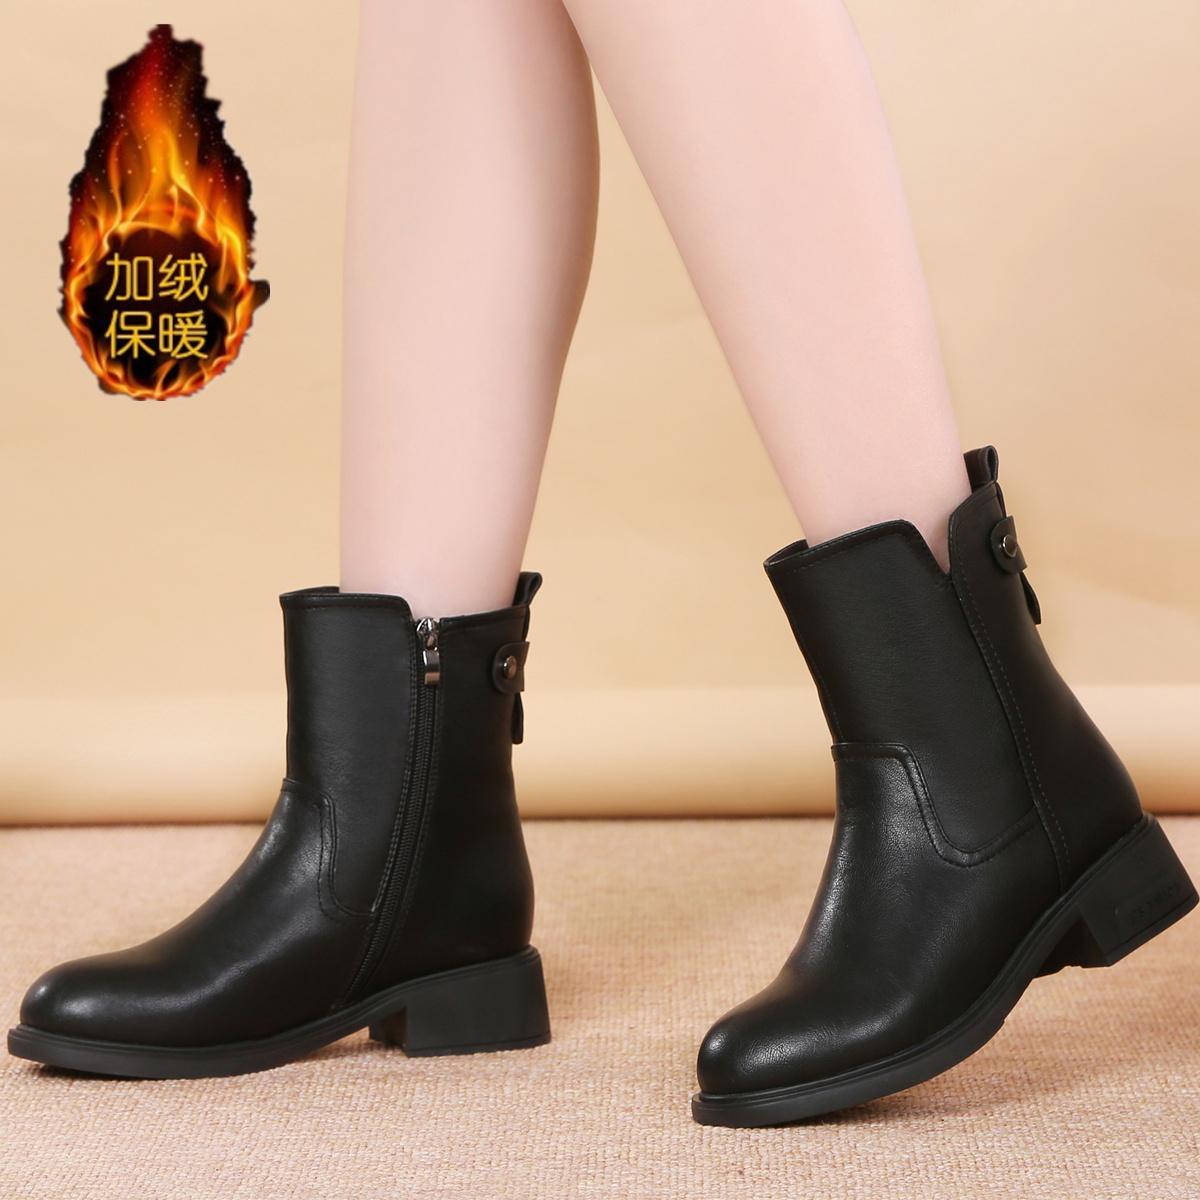 2020冬季女靴中跟中筒靴子棉鞋平底短靴女皮靴保暖马丁雪地靴女鞋